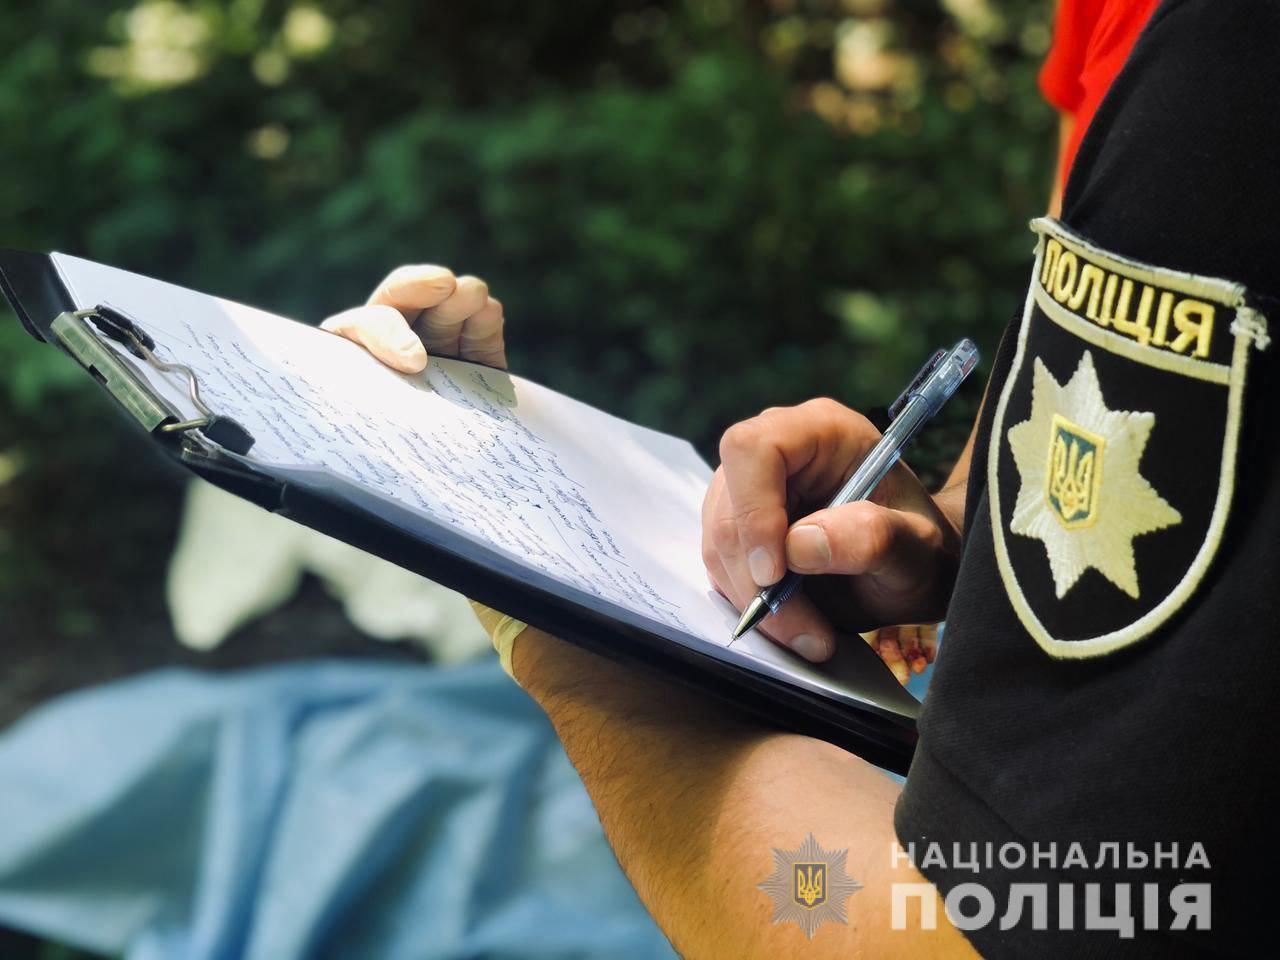 Правоохранители должны выяснить все обстоятельства ДТП